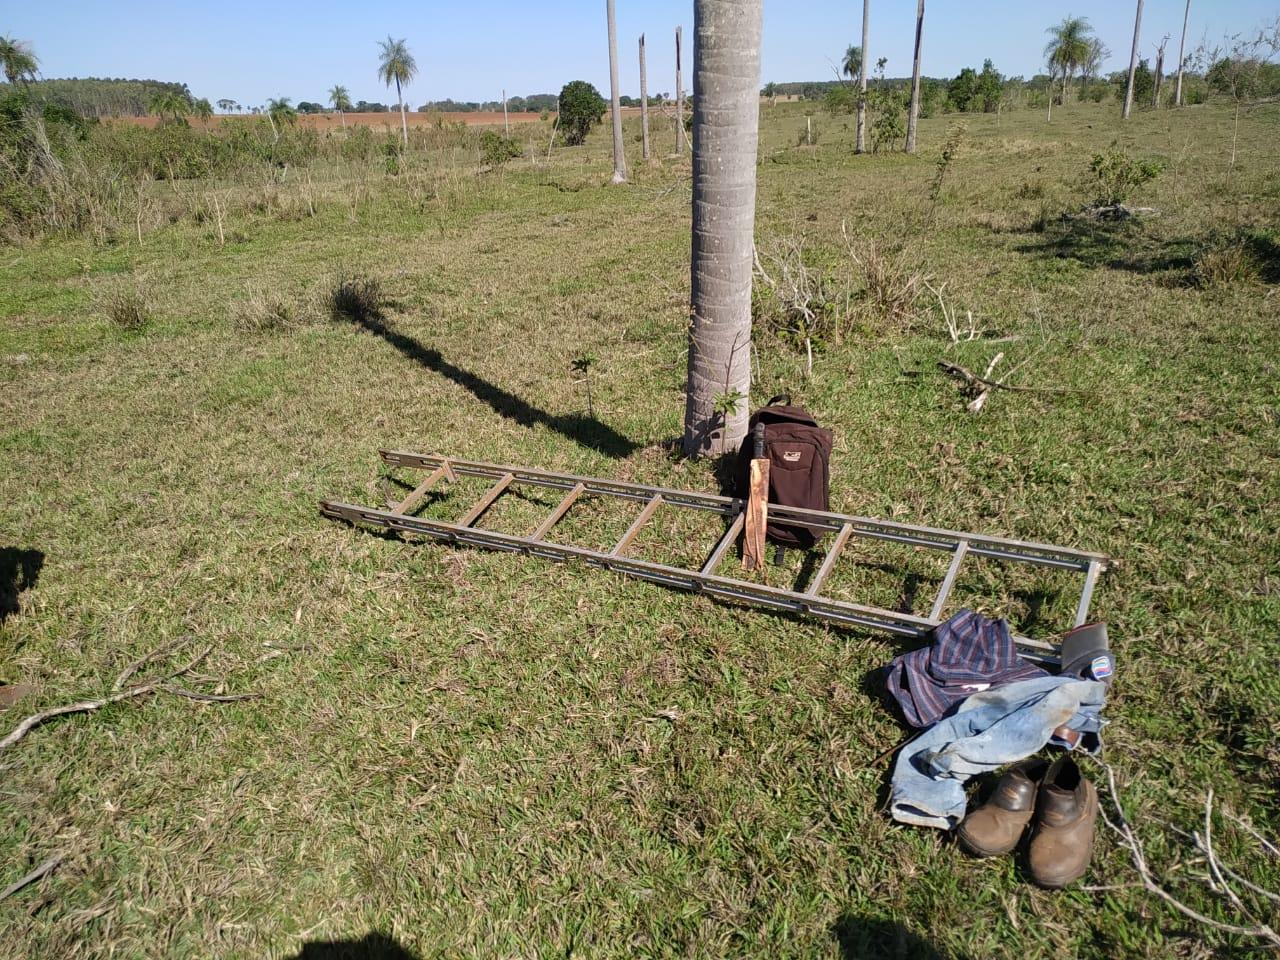 PMA e Ibama surpreendem traficantes tentando retirar de filhotes de papagaios dos ninhos - Top Mídia News